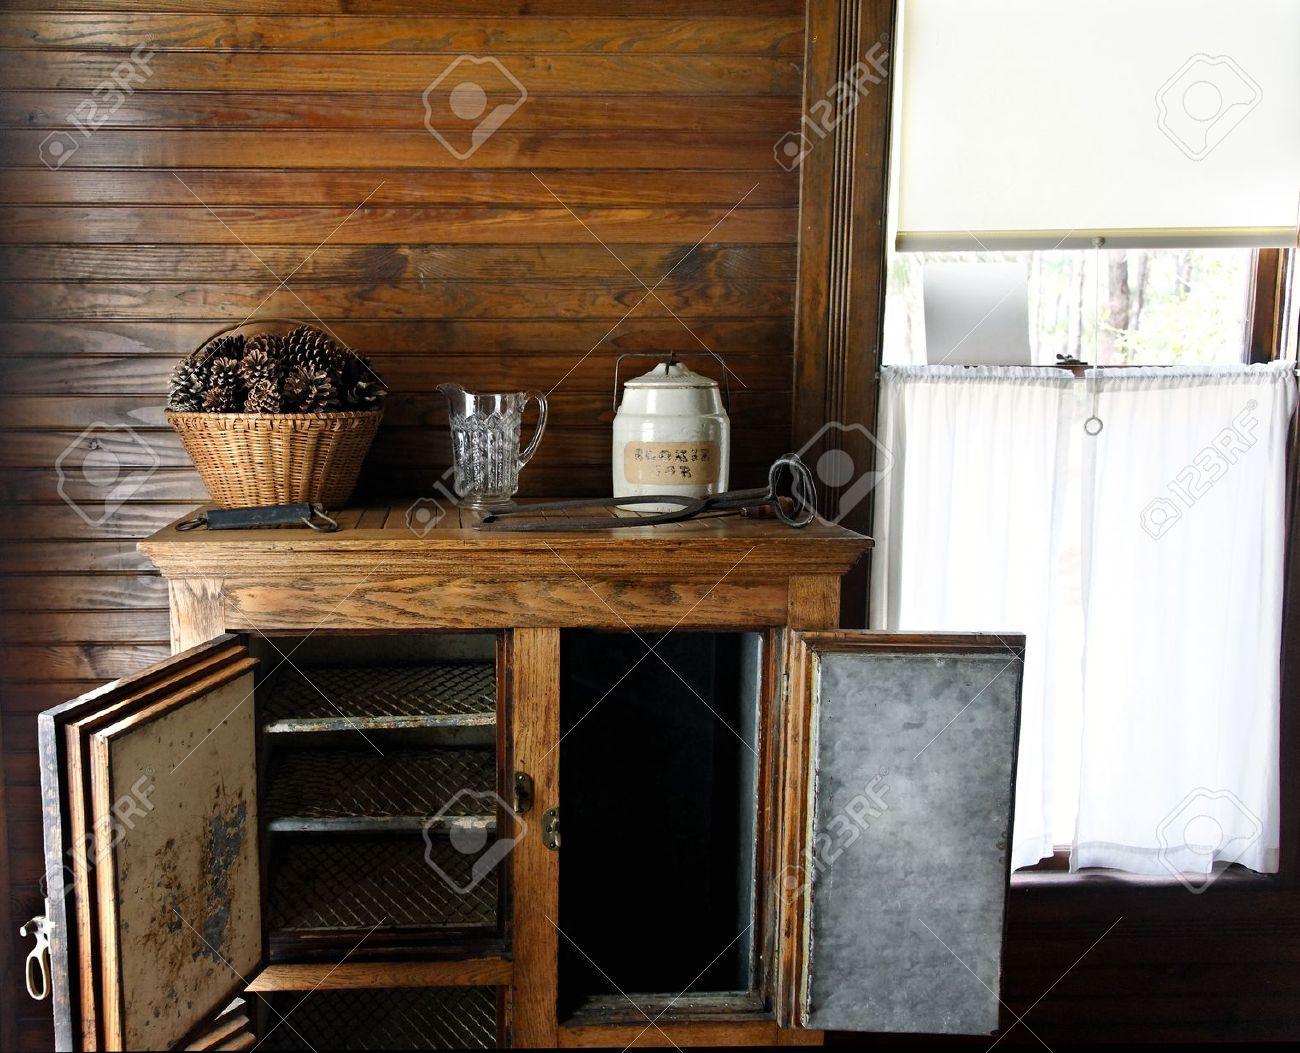 Kühlschrank Krug : Antique kühlschrank mit einer keksdose krug tannenzapfen und ein